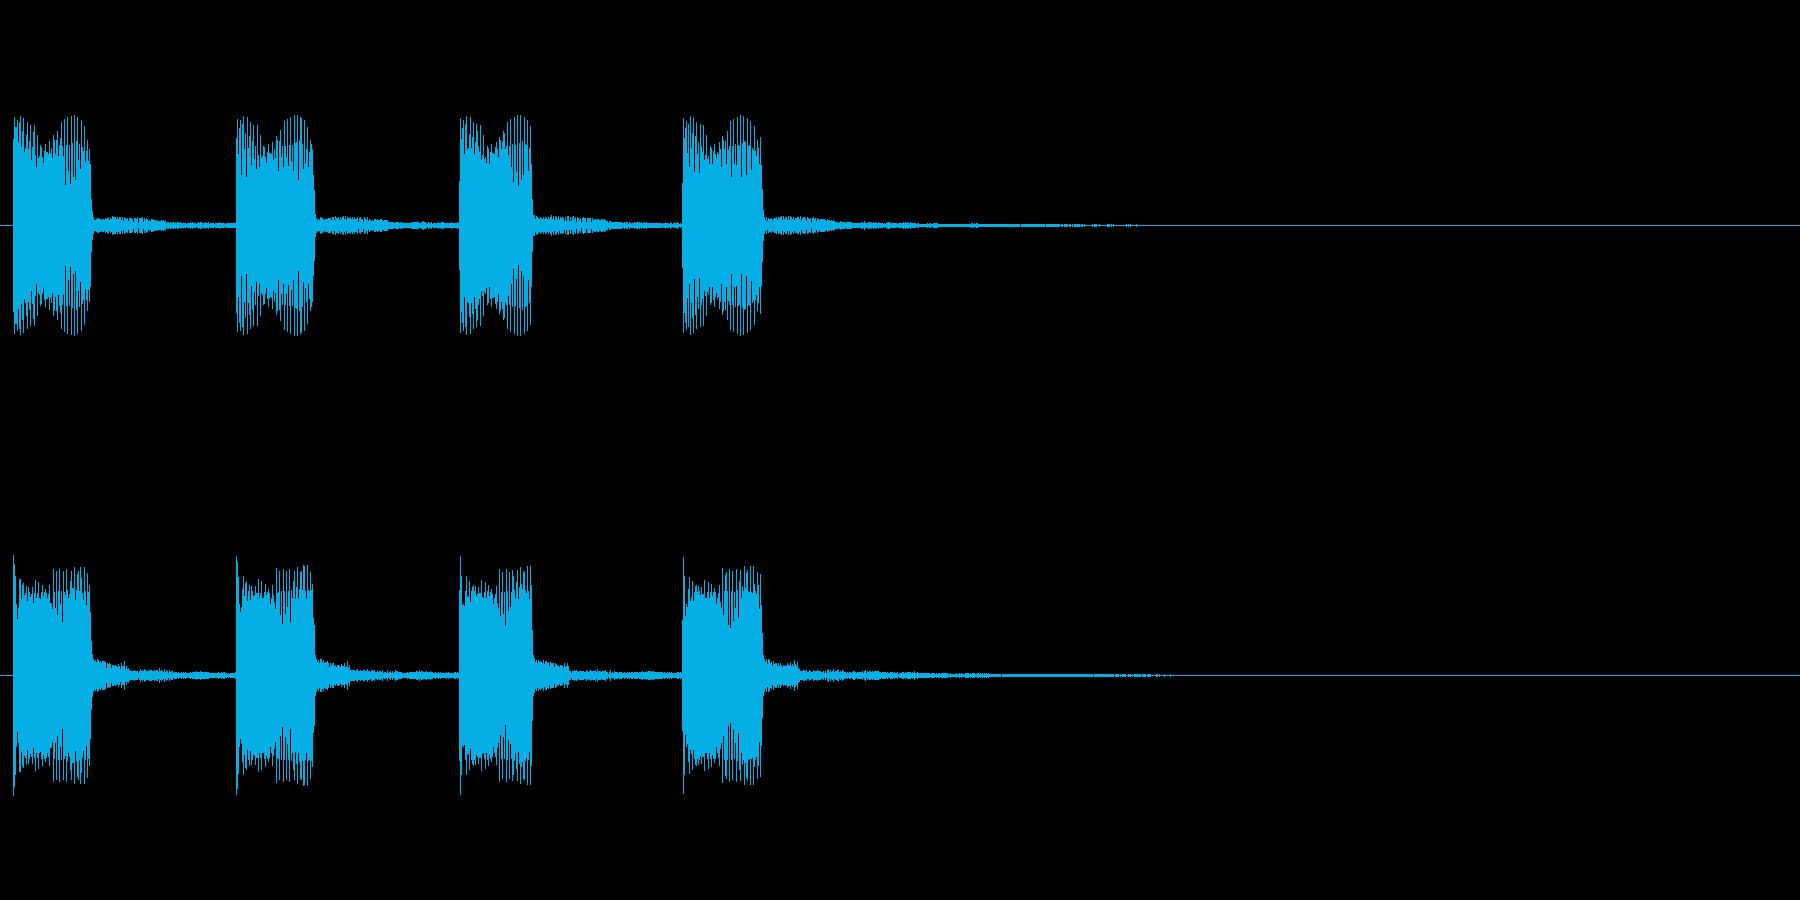 アラーム・危険・お知らせ効果音の再生済みの波形